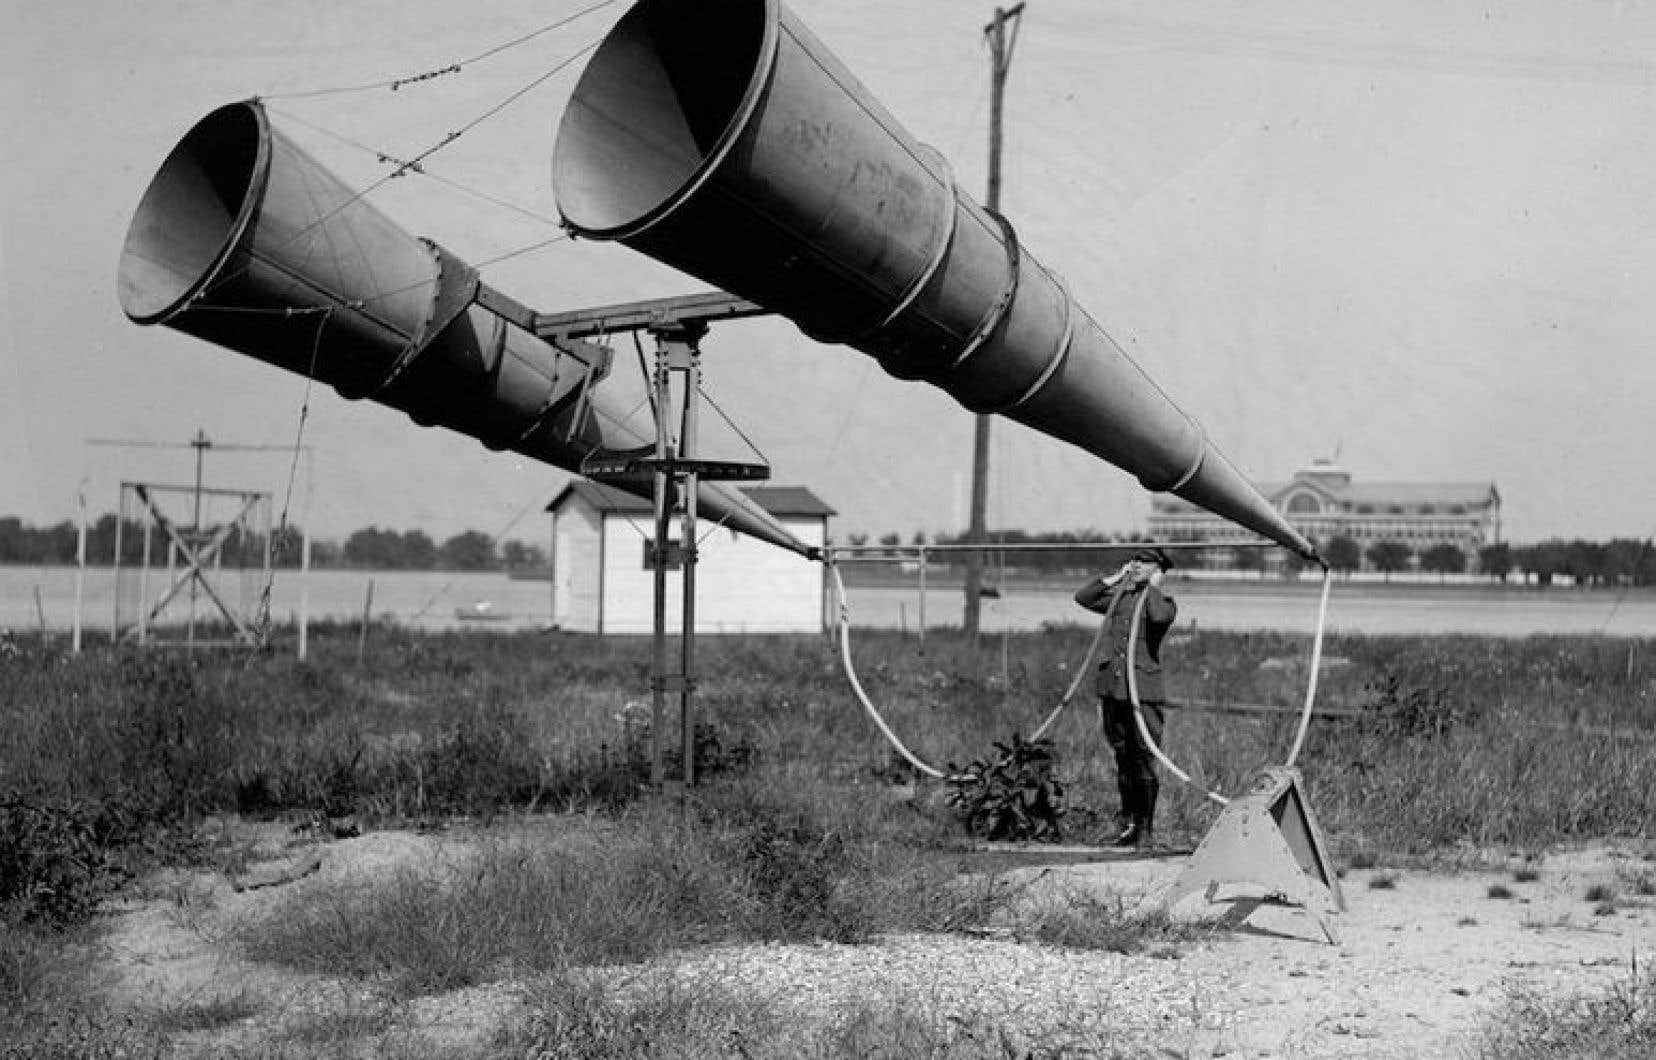 Les «grandes oreilles» de l'armée américaine pour entendre les avions ennemis arriver de loin dans les années 40. D'une époque à une autre, les outils d'écoute ont bien changé...<br />